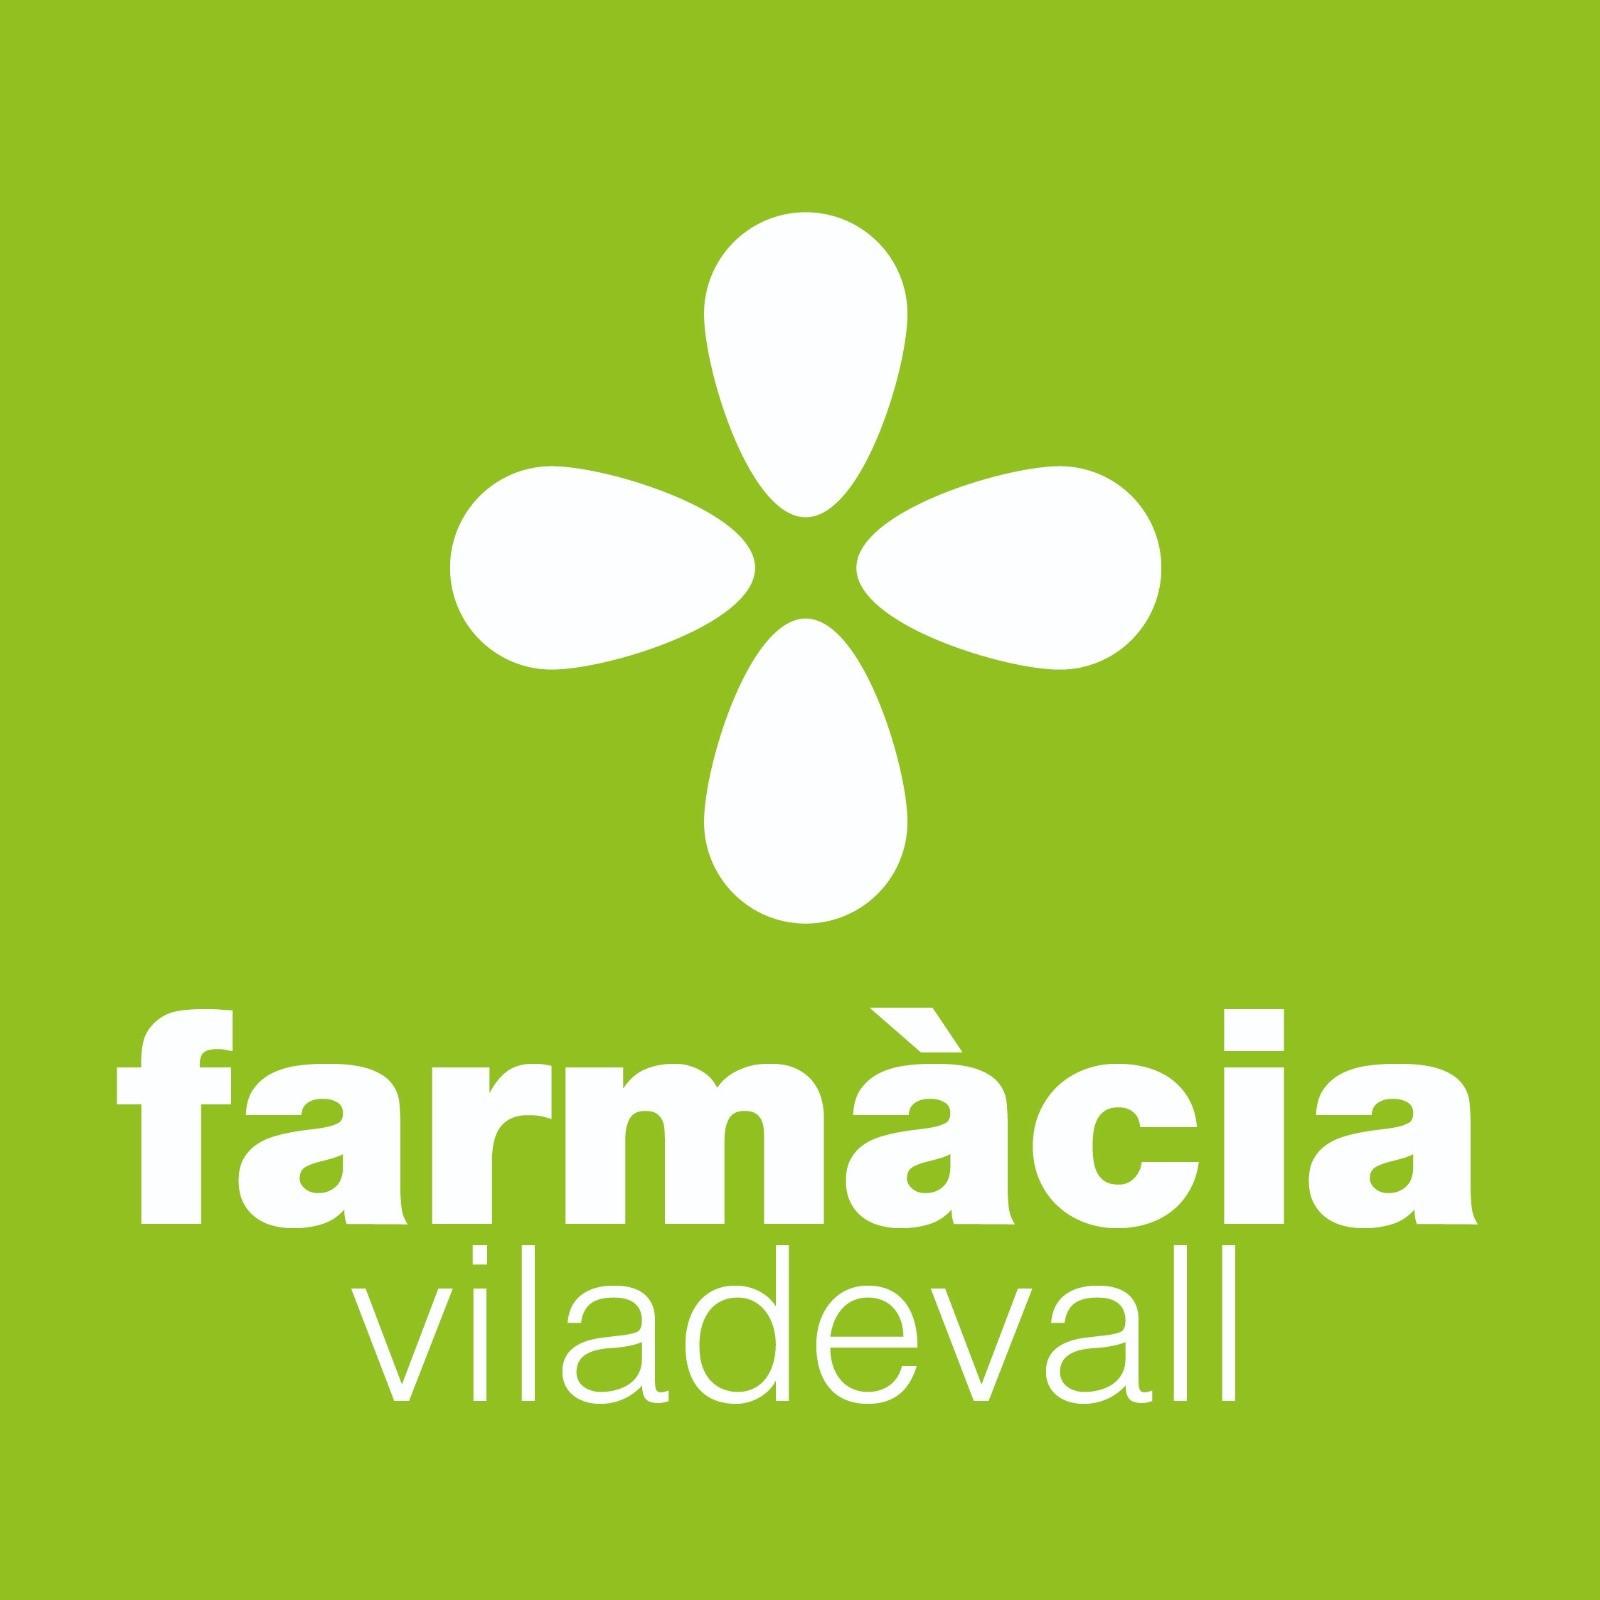 Farmacia Viladevall